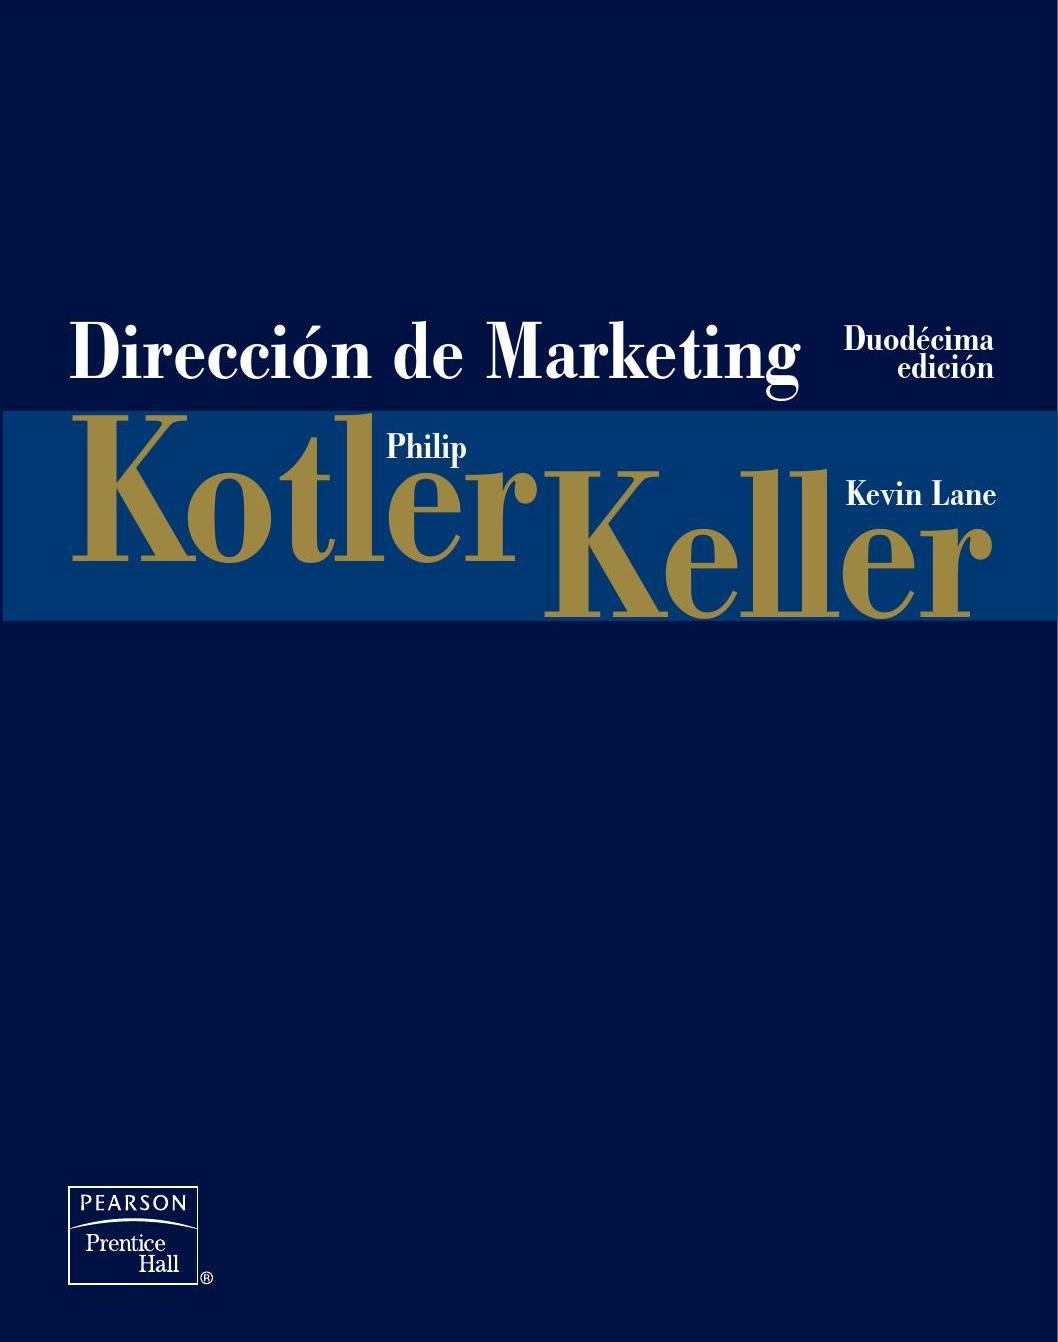 Dirección de Marketing, 12va Edición – Philip Kotler y Kevin Lane Keller